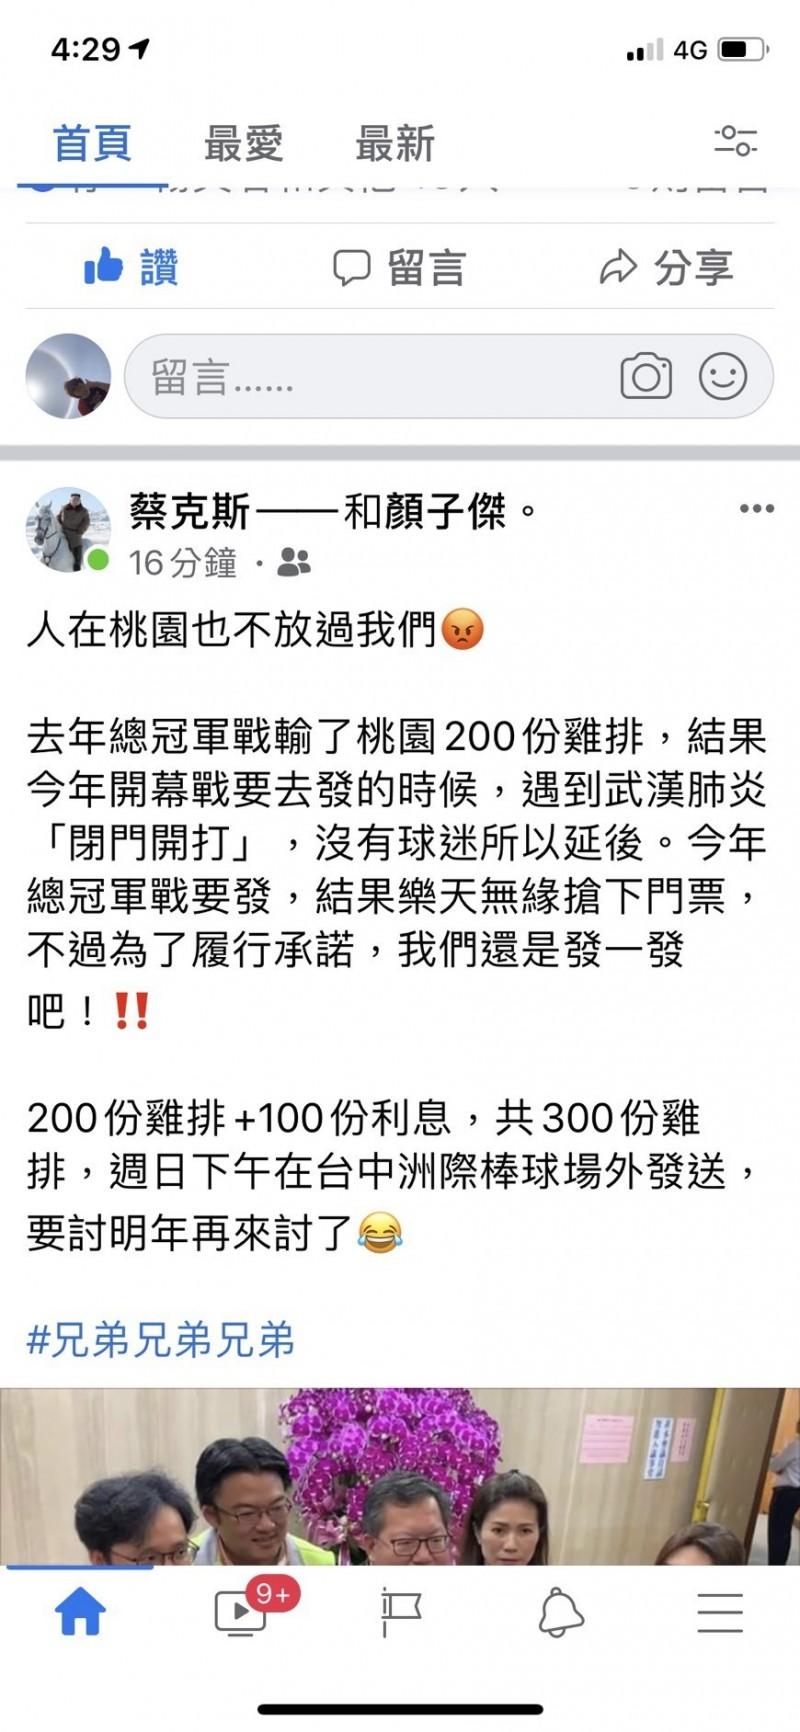 蔡其昌特助蔡克斯在臉書公布週日發送雞排。(記者張軒哲翻攝)